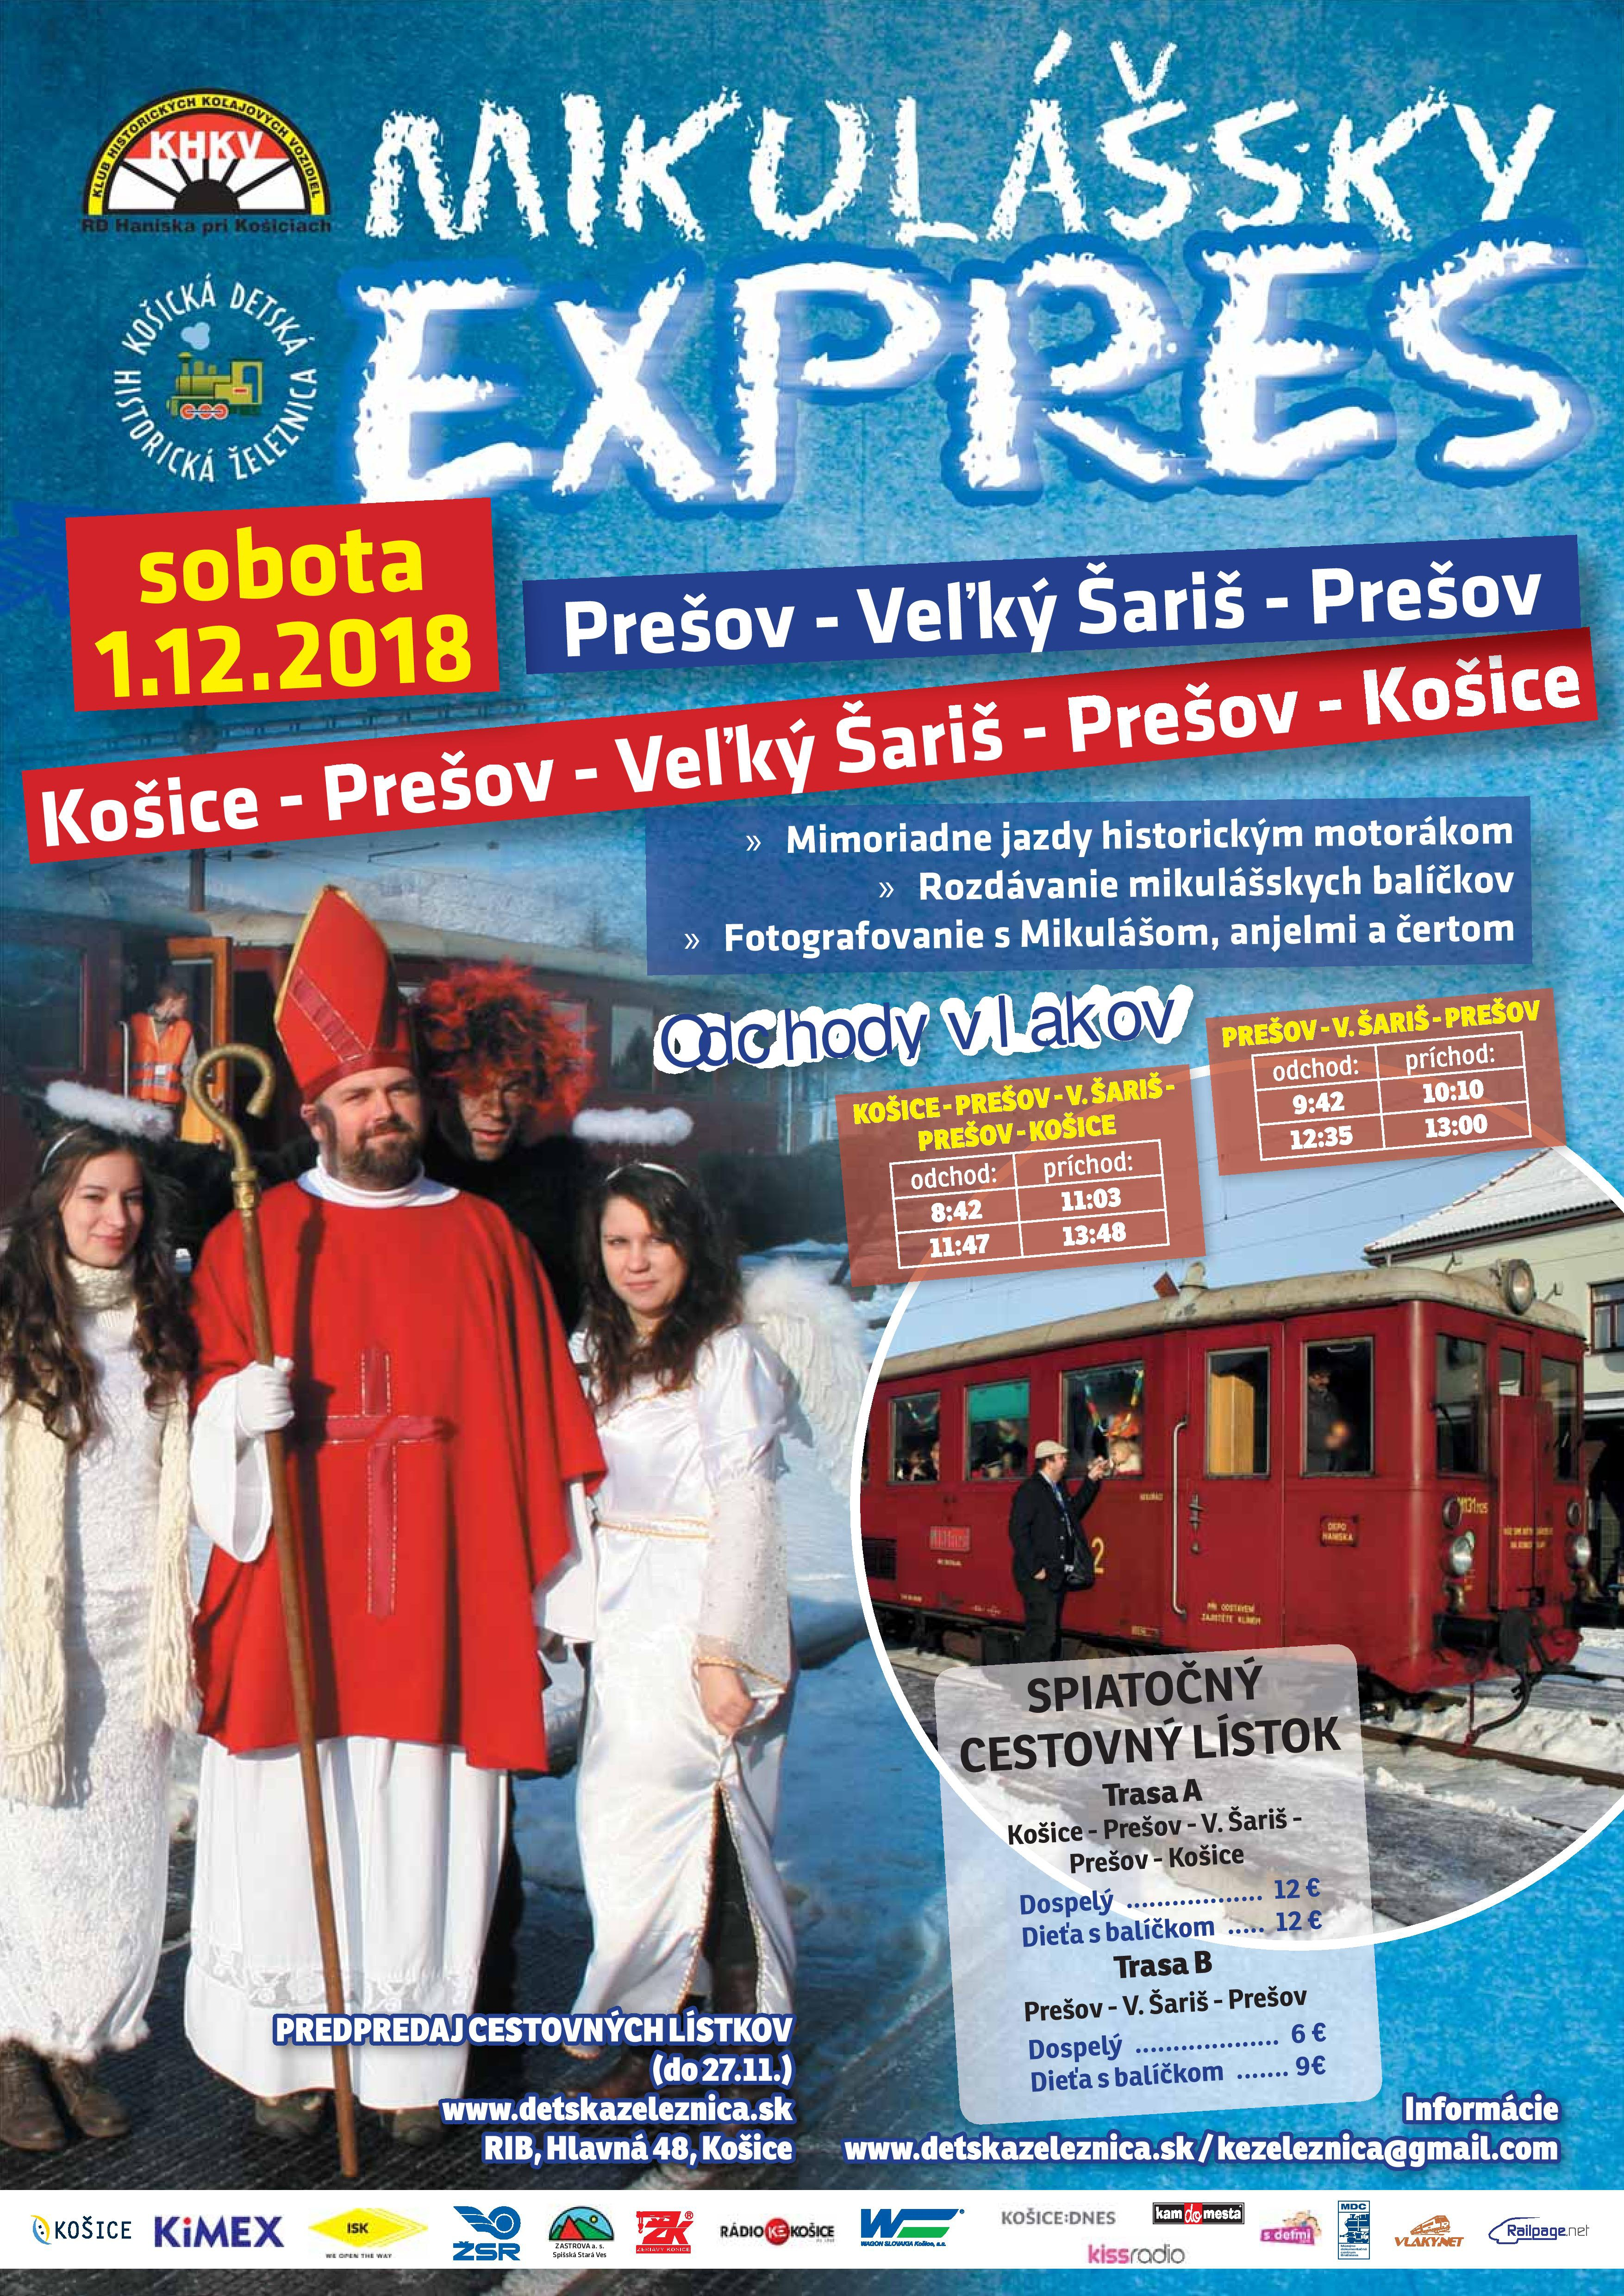 Mikulassky express